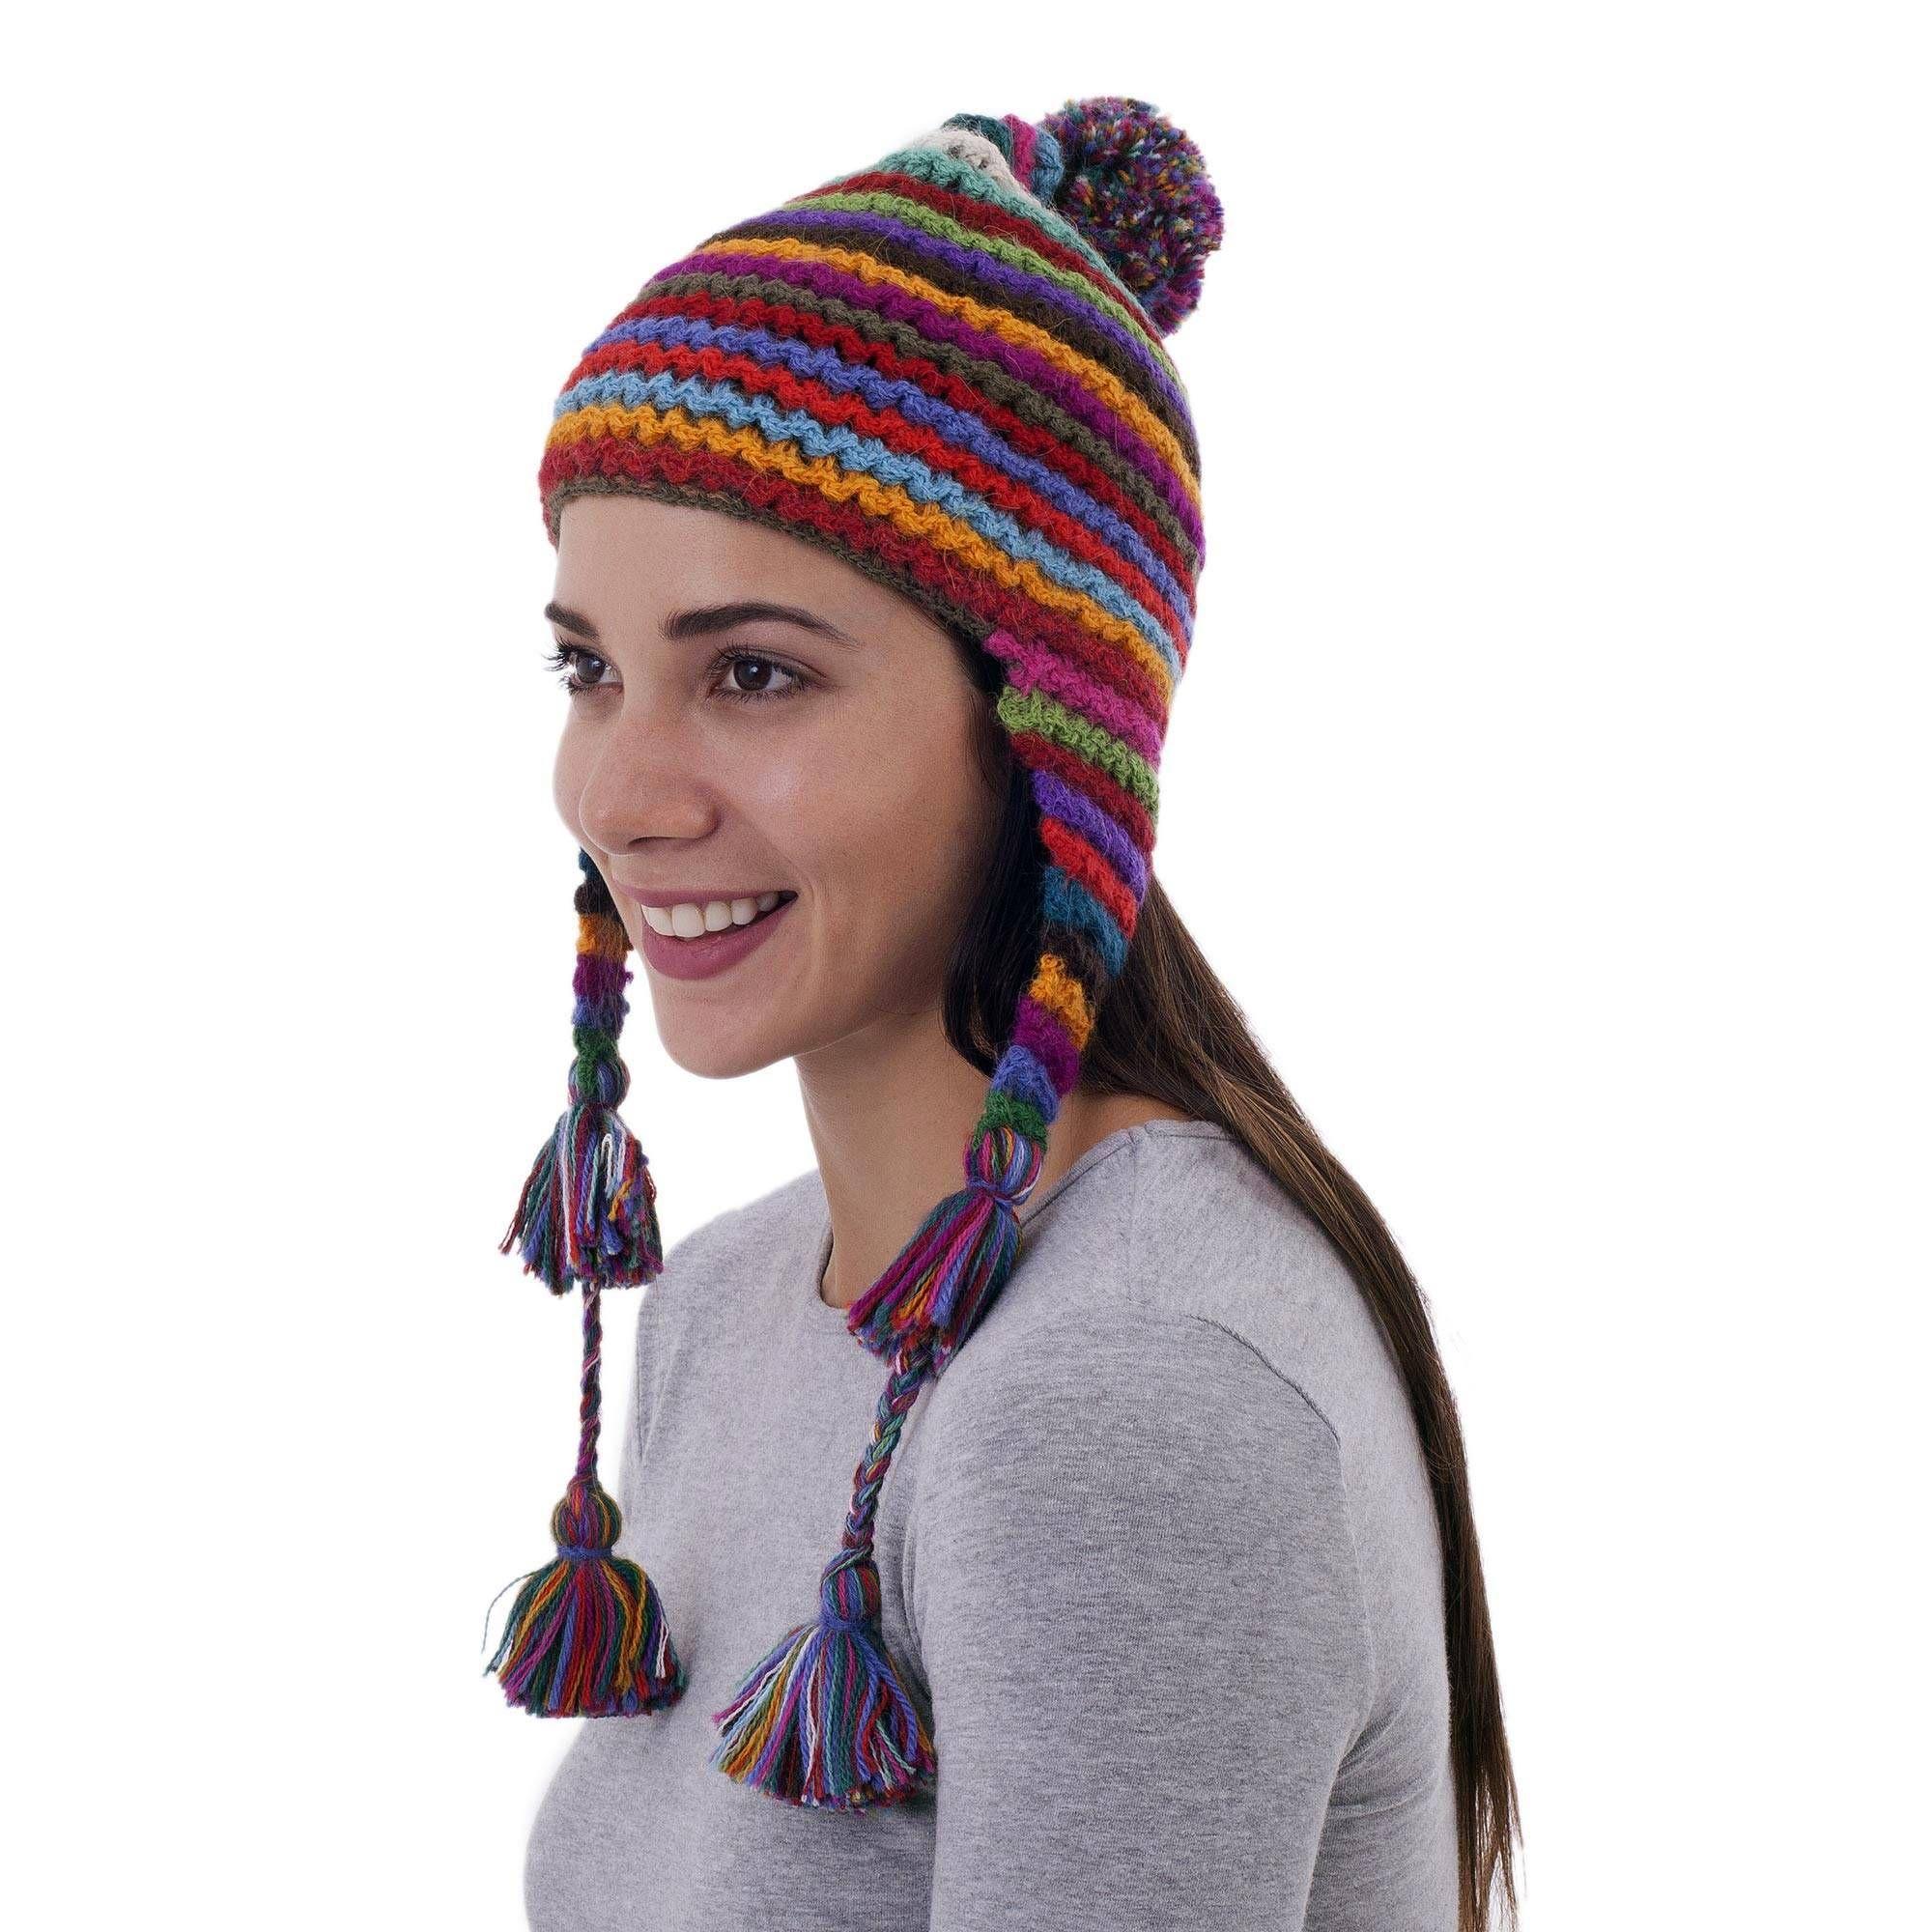 74ead654f8e Striped Multicolored Alpaca Chullo Hat with Pompom from Peru ...